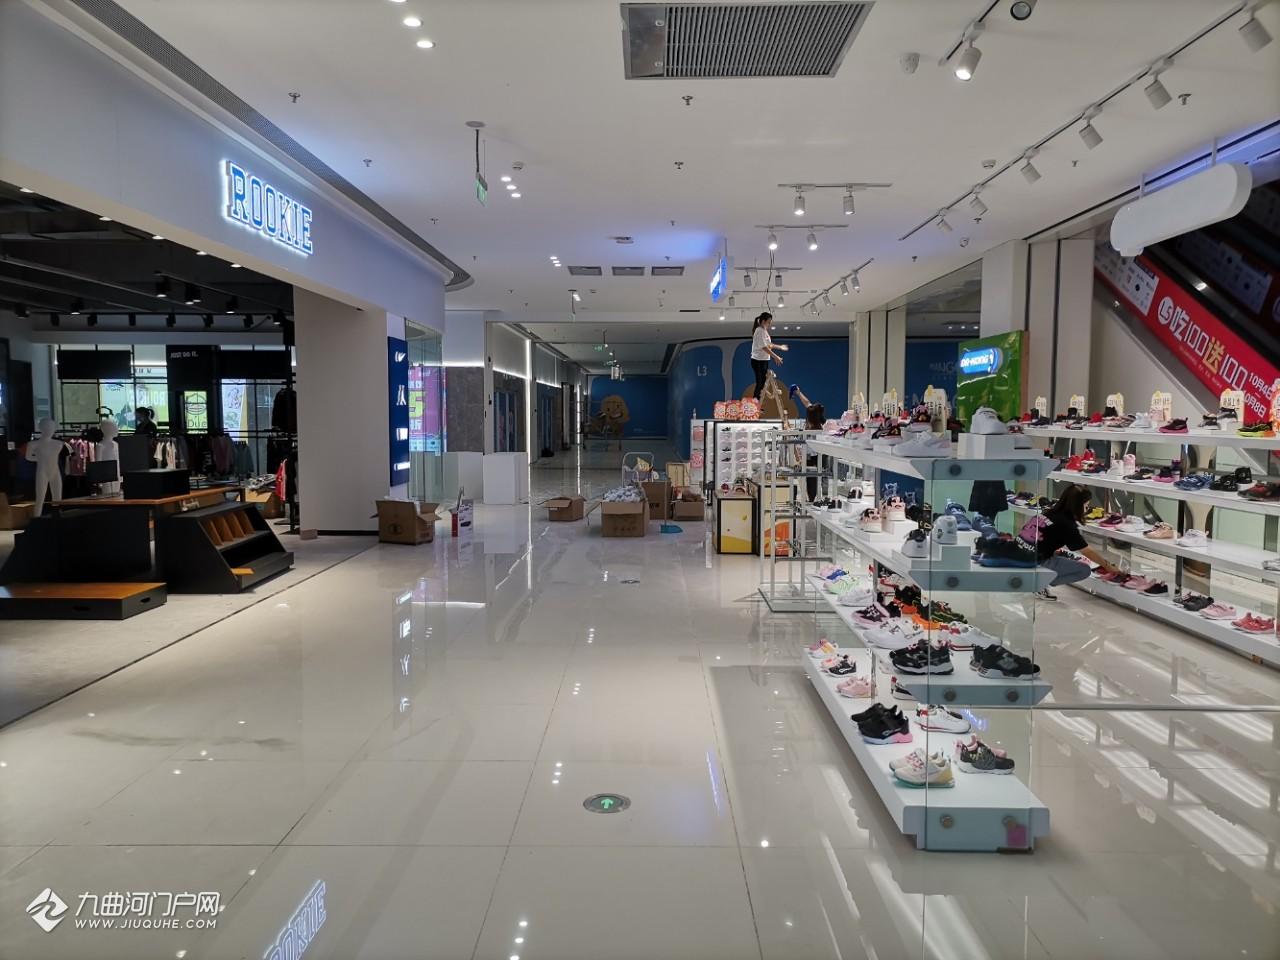 今天给资阳曼购中心商家送东西,看了下有点成都商业的感觉了,坐等开业!